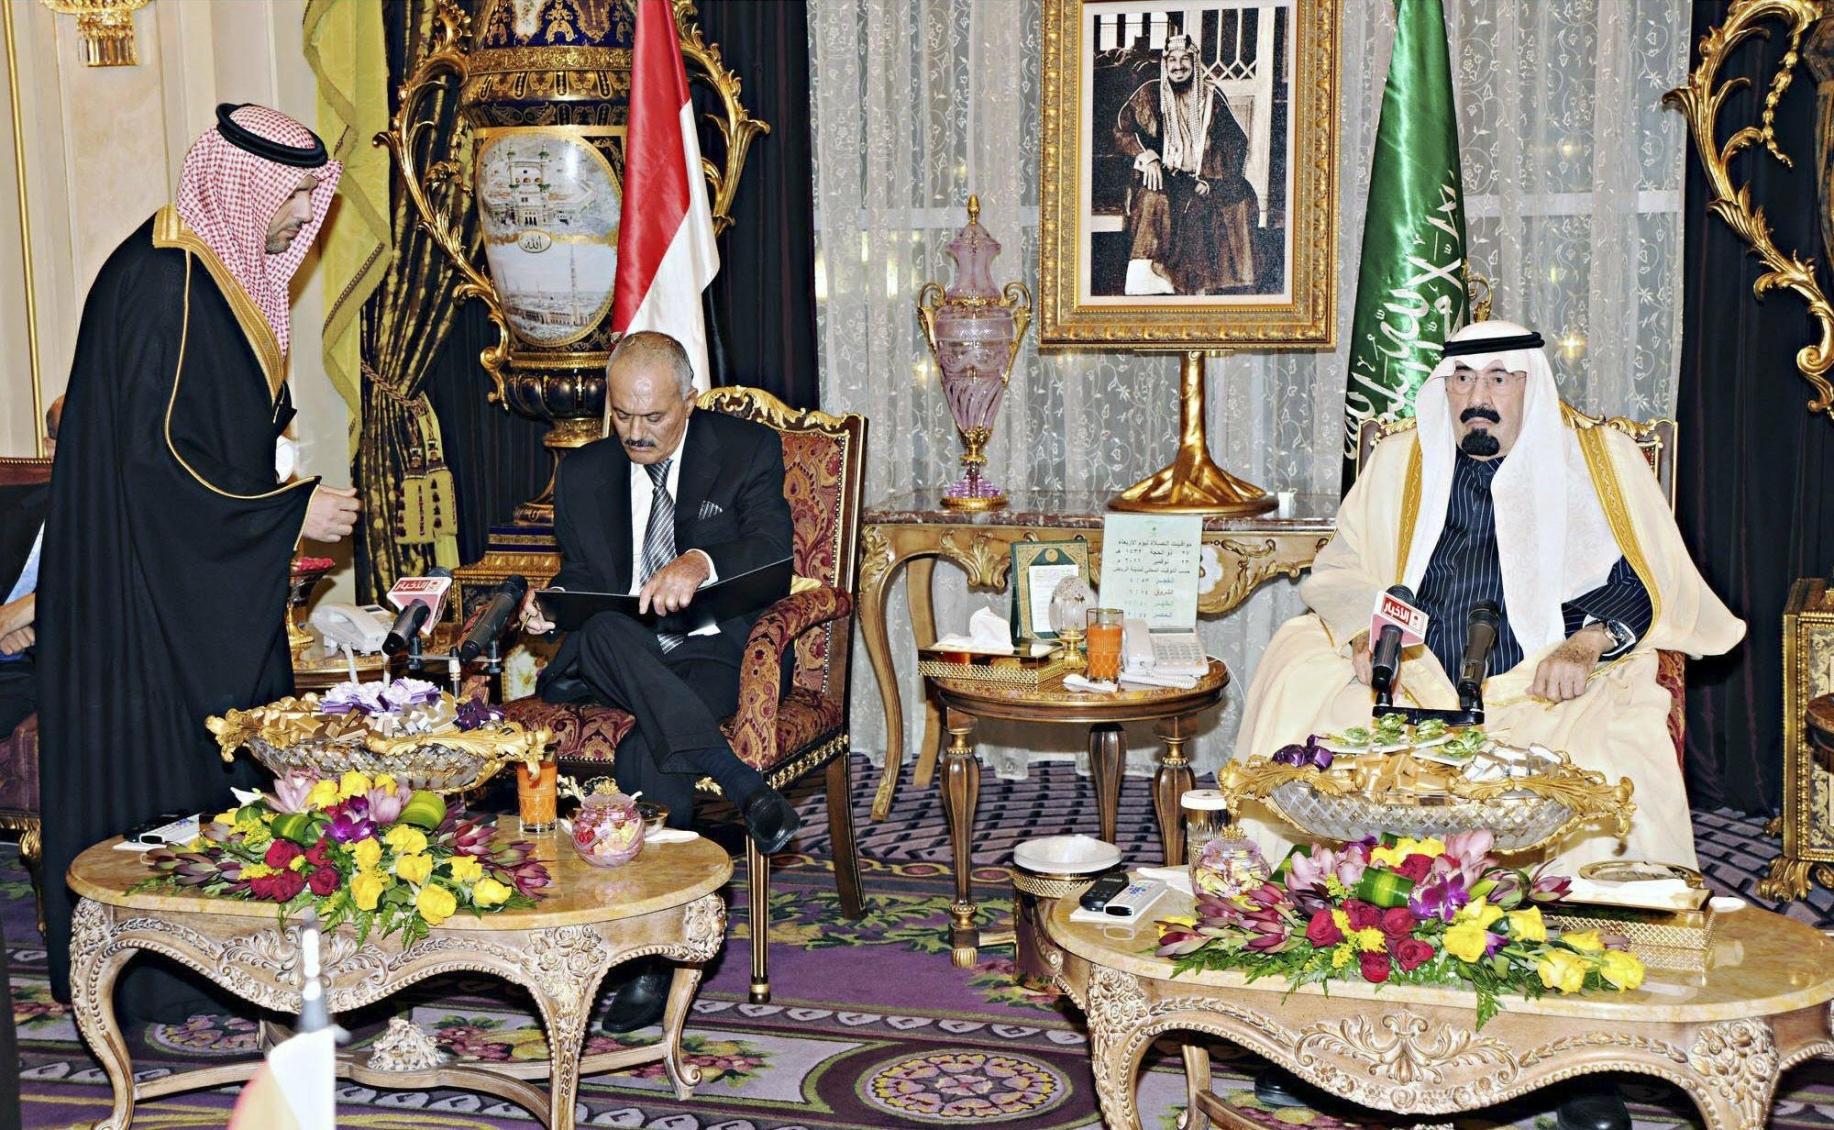 الطائف اللبناني والمبادرة الخليجية في اليمن كنماذج إقليمية لفض النزاعات